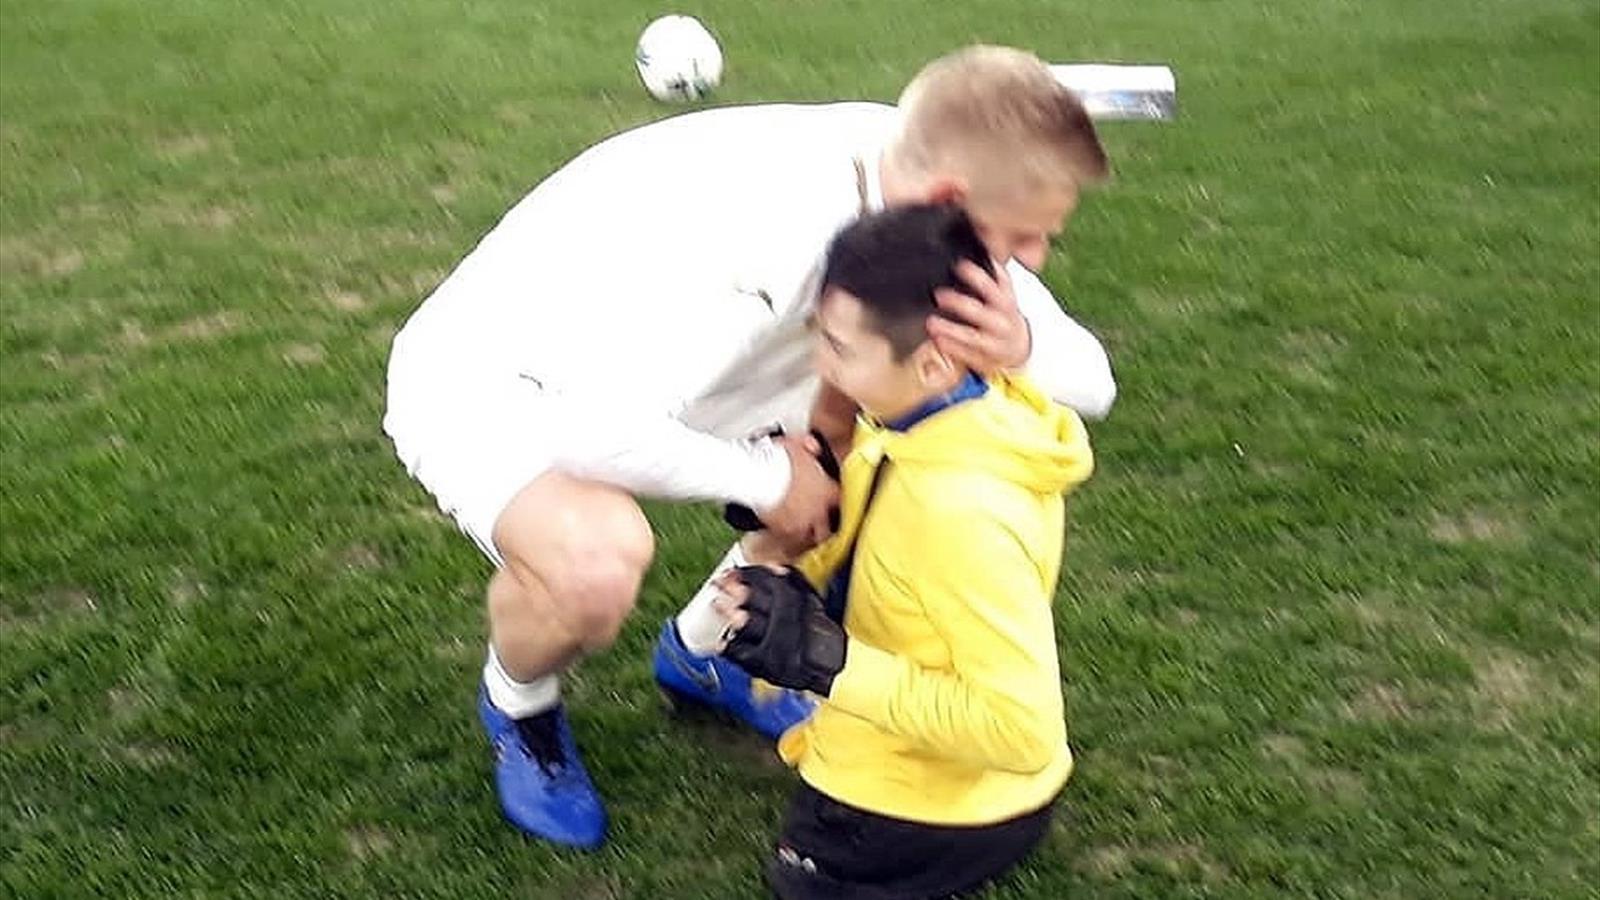 Полузащитник «Манчестер Сити» Александр Зинченко сыграл в футбол с безногим мальчиком из Казахстана